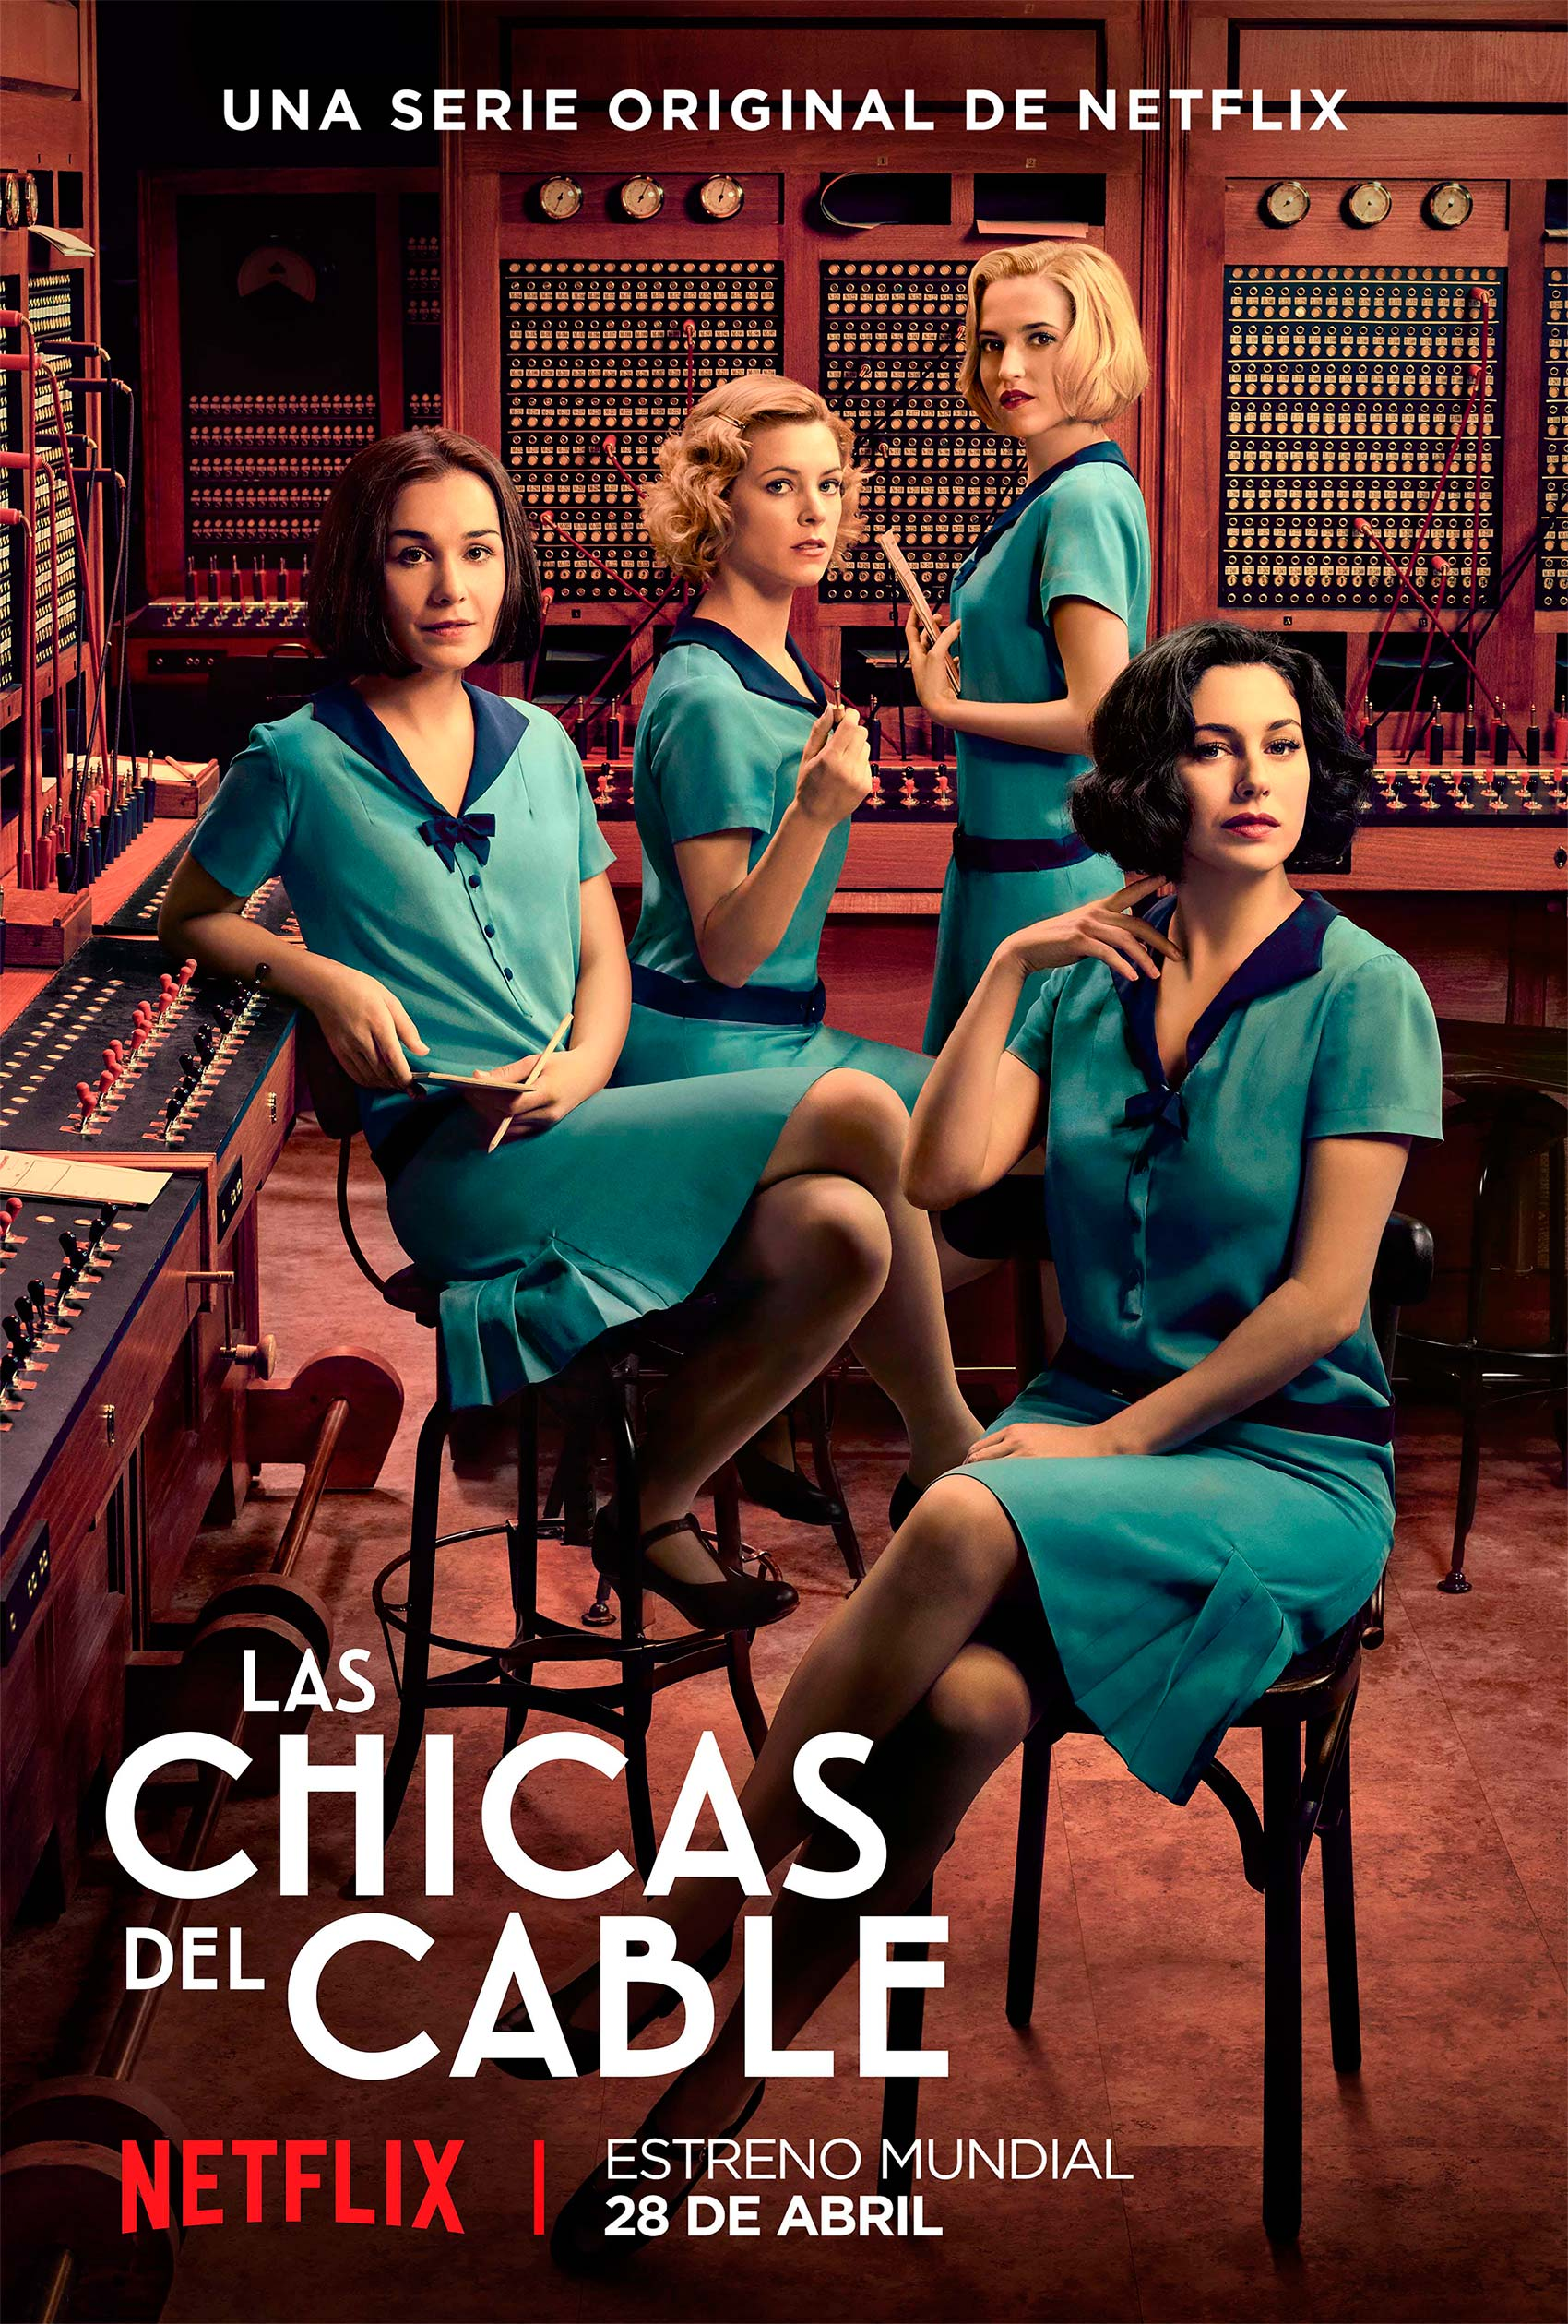 Las chicas del cable